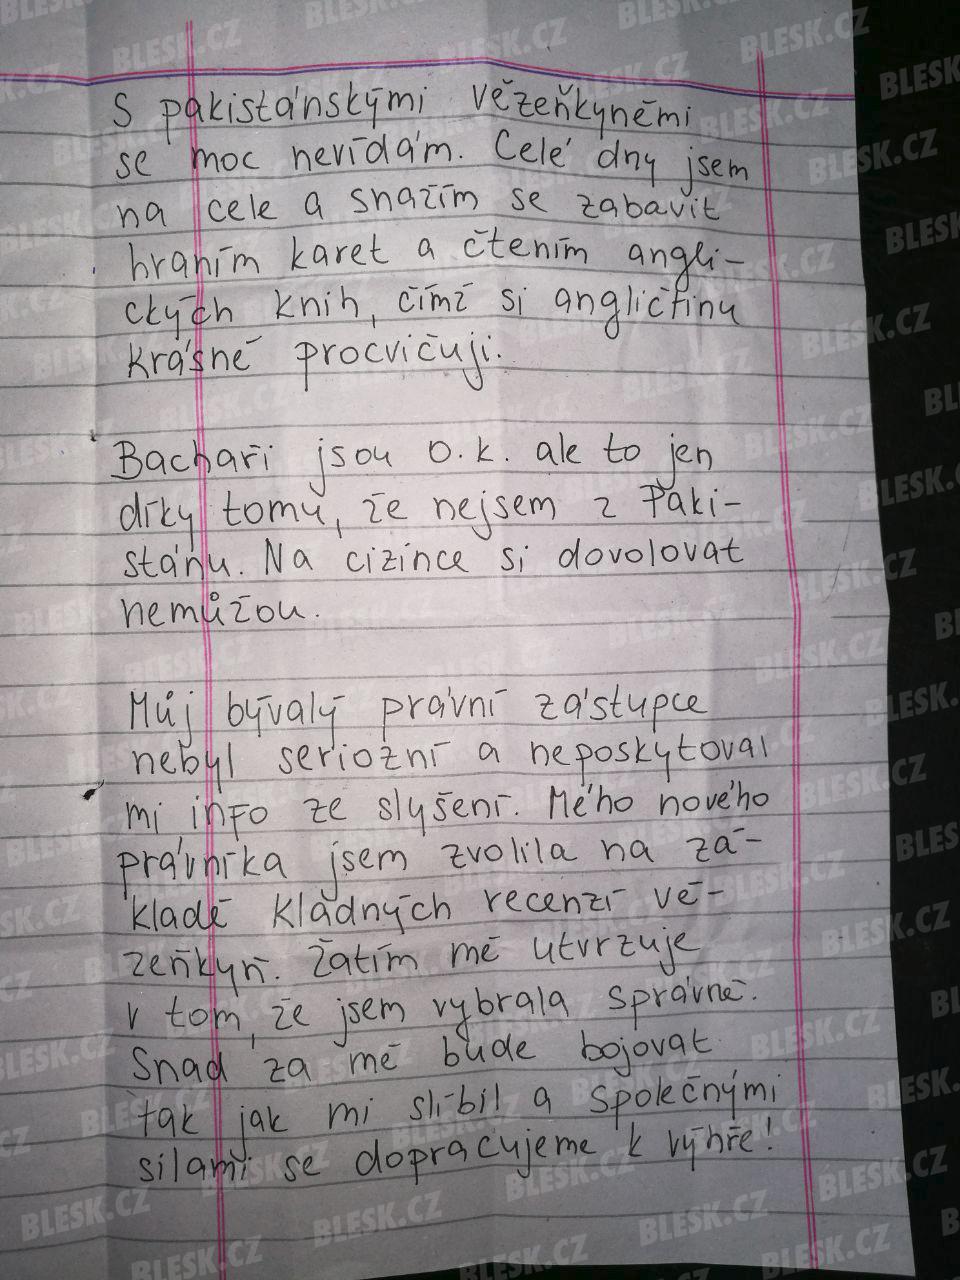 Tereza H. obviněná z pašování heroinu napsala Blesku z vězení dopis